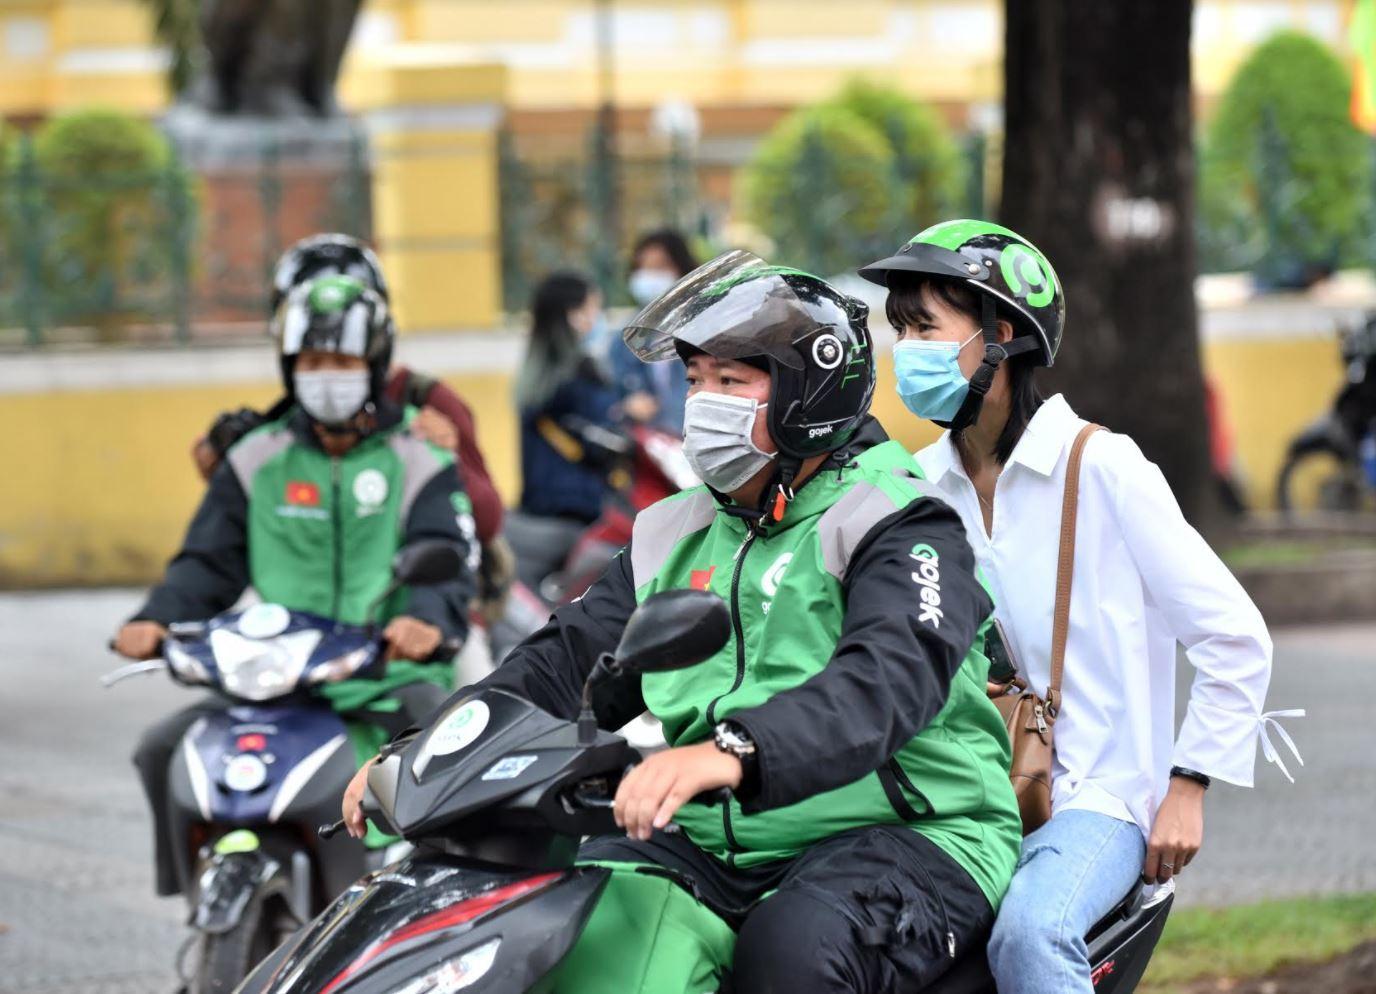 Ứng dụng gọi xe công nghệ đã làm thay đổi thói quen người dùng Việt